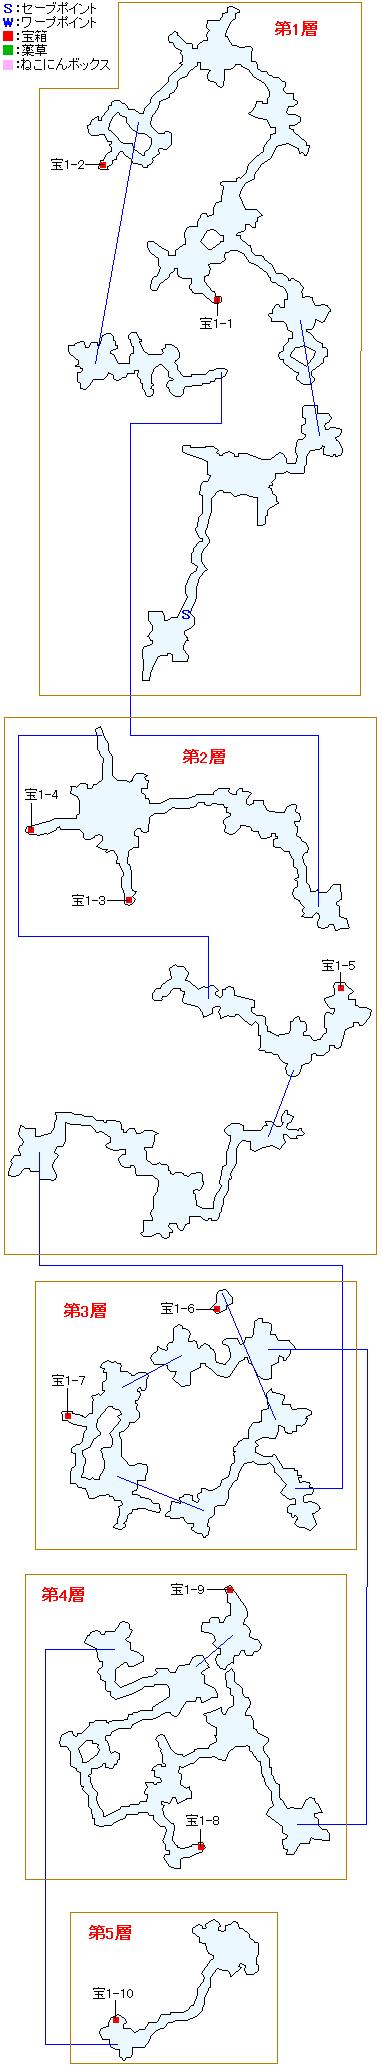 地脈マップ